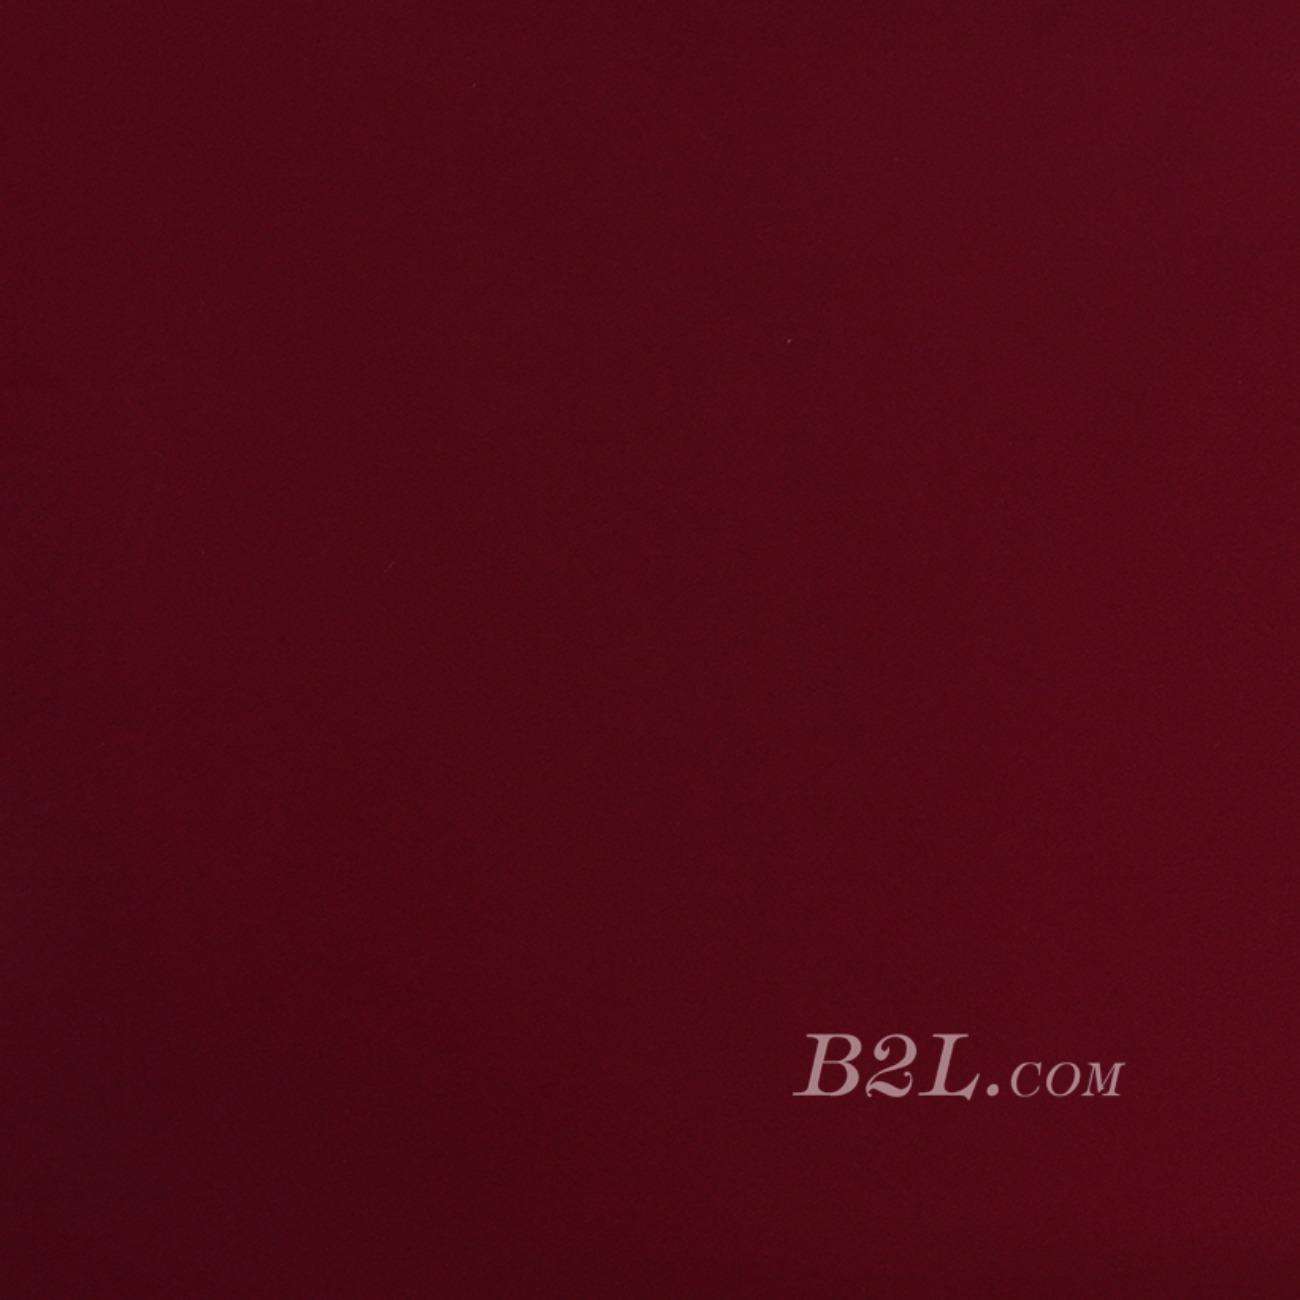 低弹染色平纹梭织素色面料—春秋双层连衣裙短裙衬衫70703-1